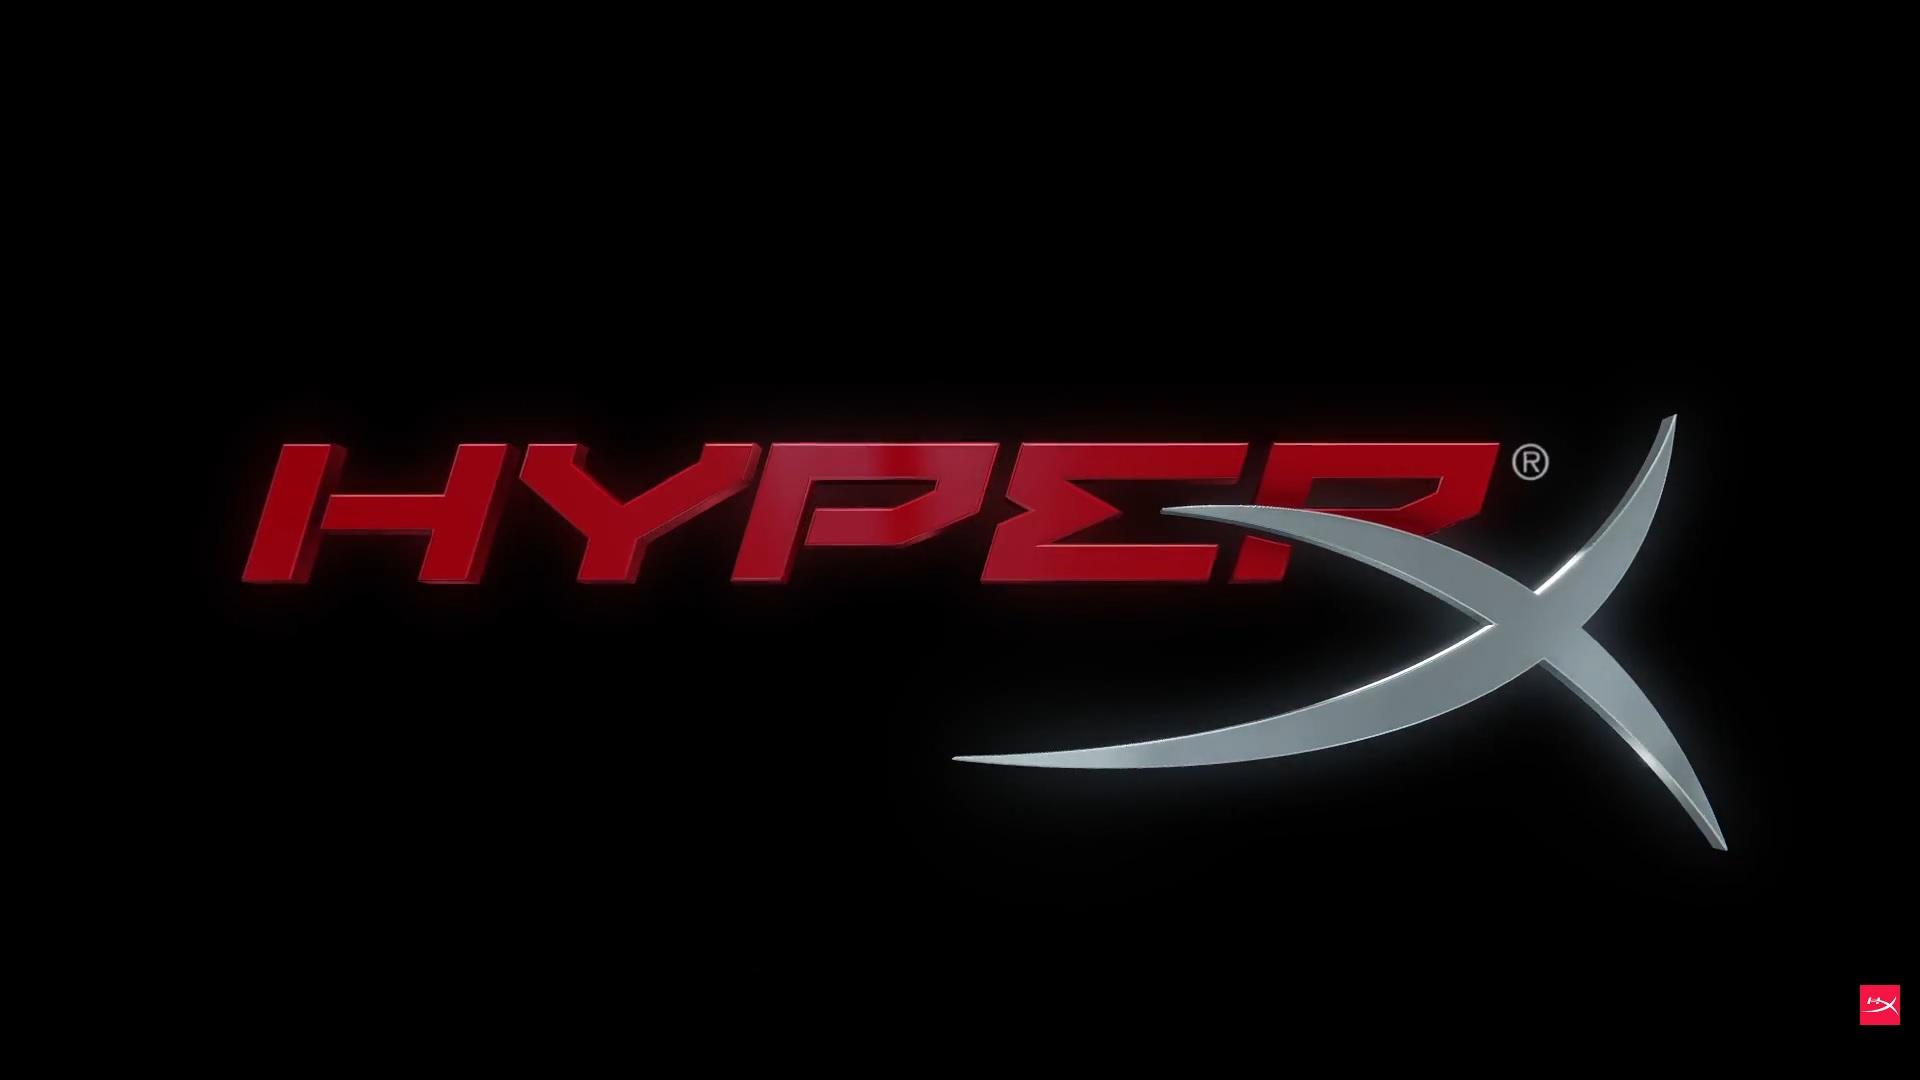 Os X Wallpapers Hd Com Apoio Da Hyperx Cnb E Sports Club Inaugura Arena Para